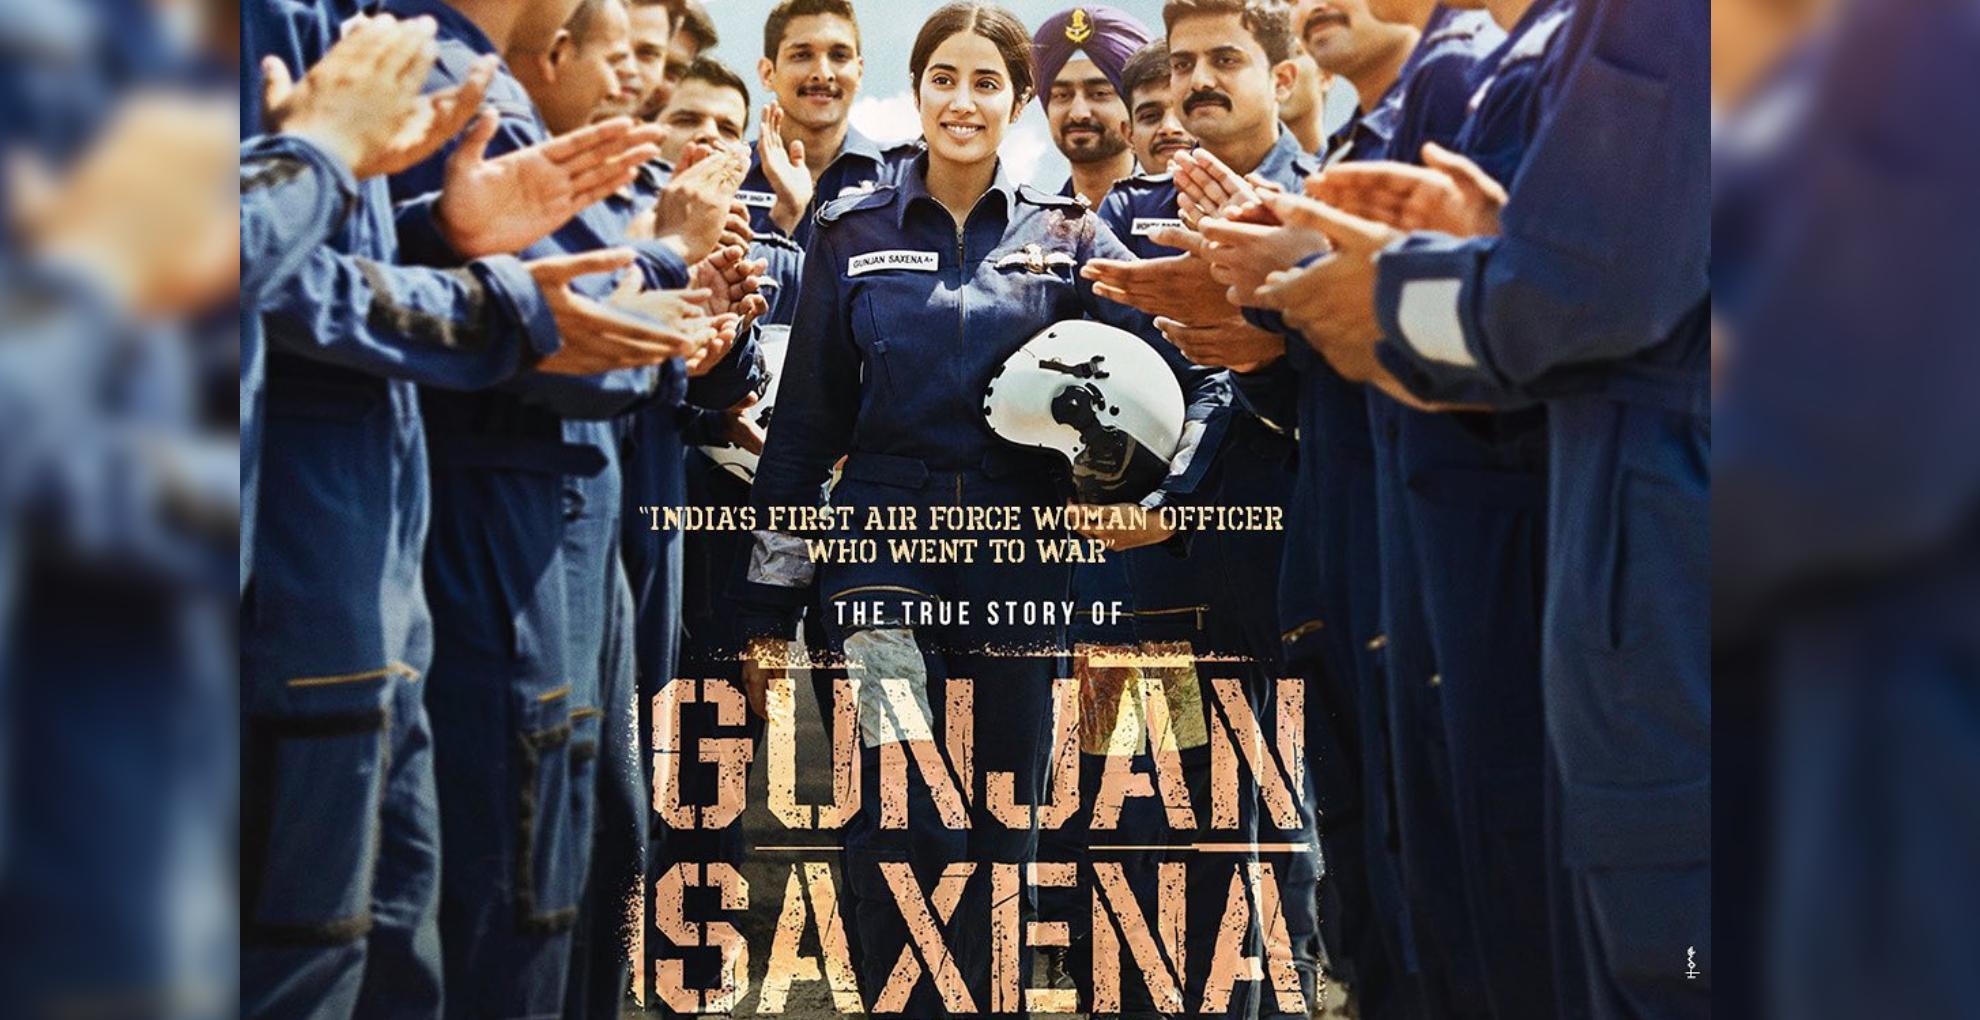 Confirmed: जान्हवी कपूर स्टारर 'गुंजन सक्सेना' नेटफ्लिक्स पर होगी रिलीज़, फिल्म का टीज़र आया सामने